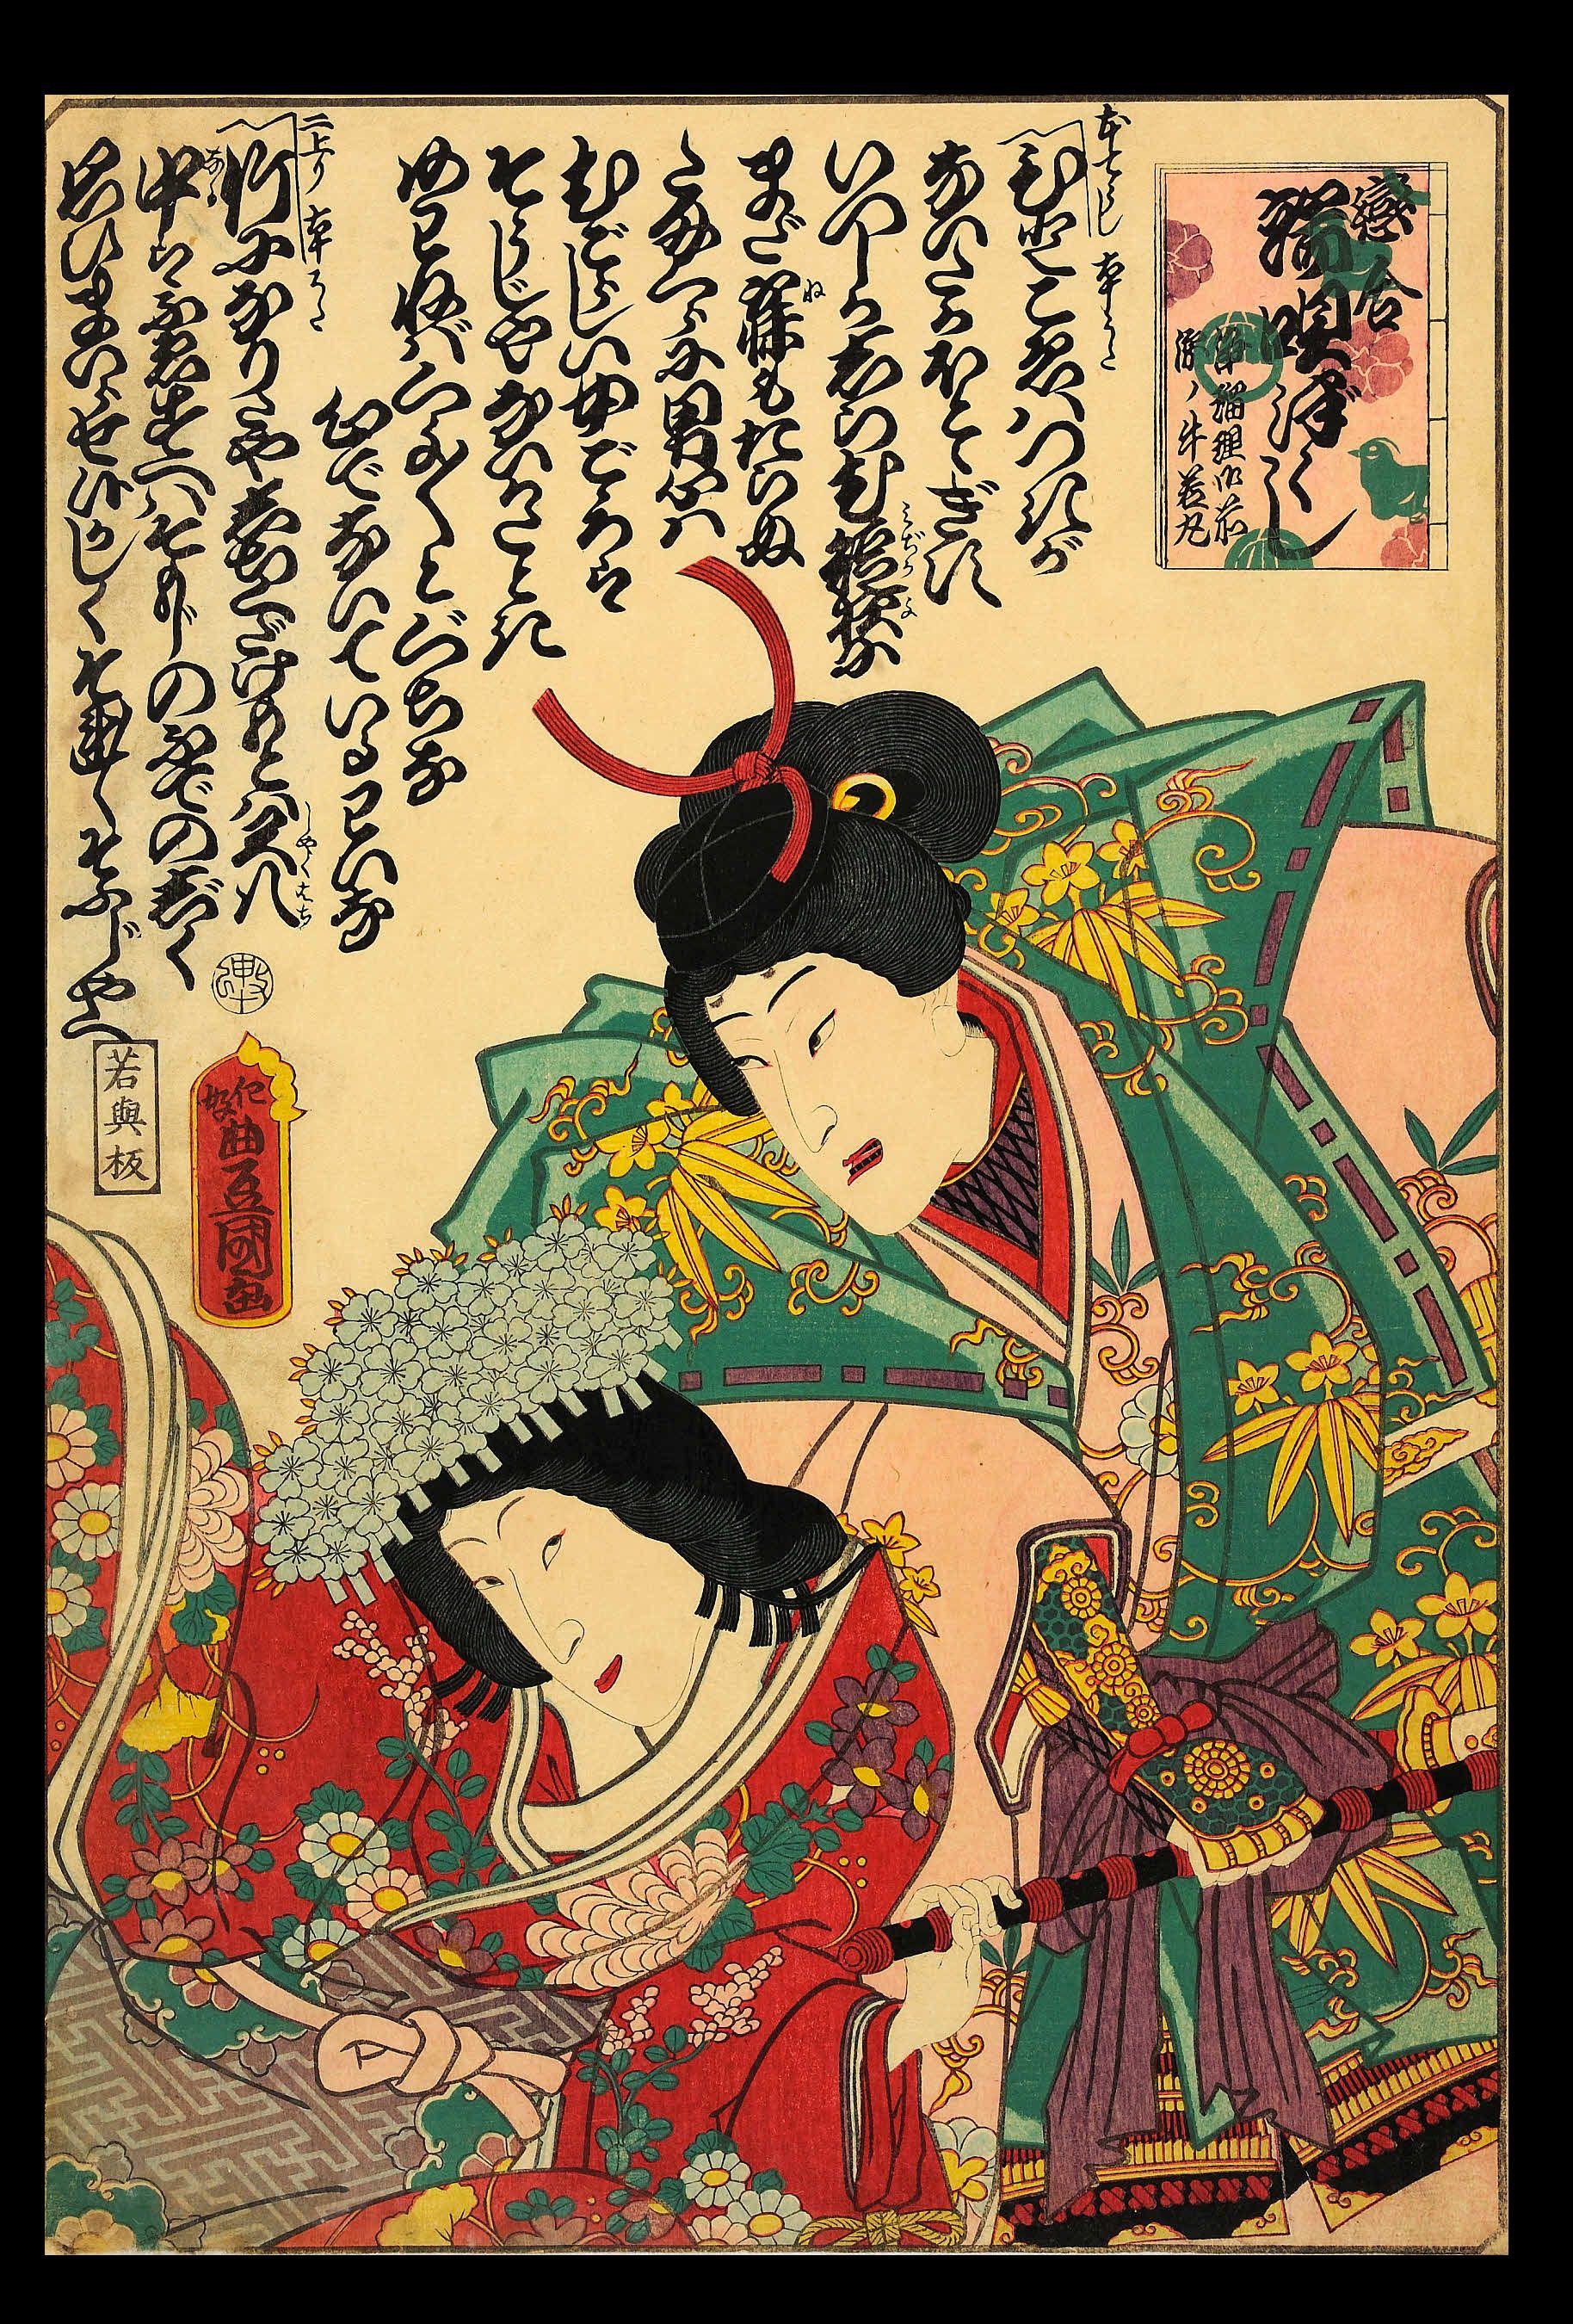 B3-4 歌舞伎と浄瑠璃御前